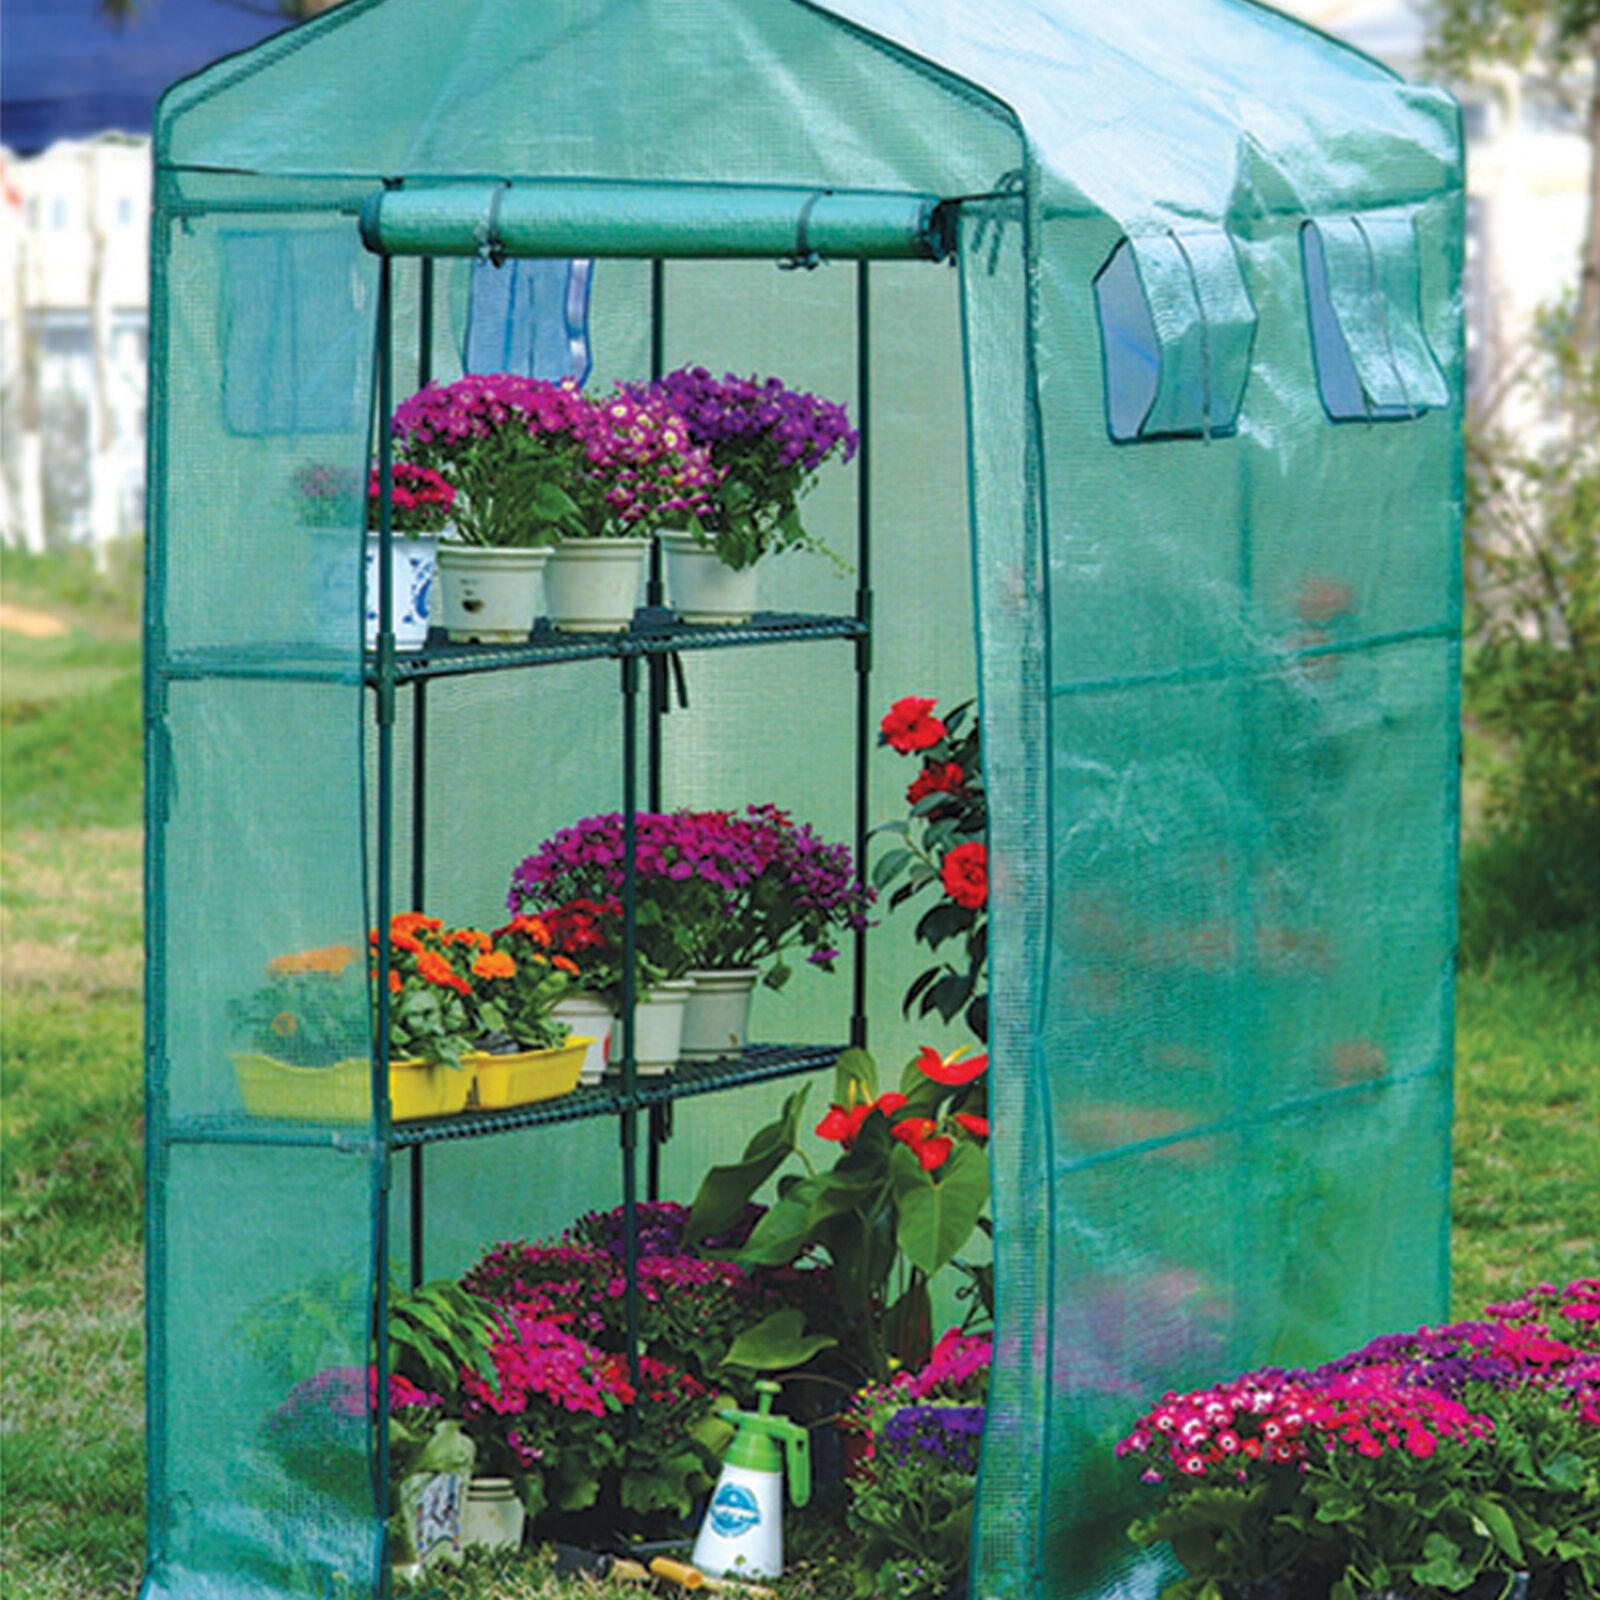 Serra alluminio+telo plastificato antistrappo giardino 120x174x210h cm 3 ripiani